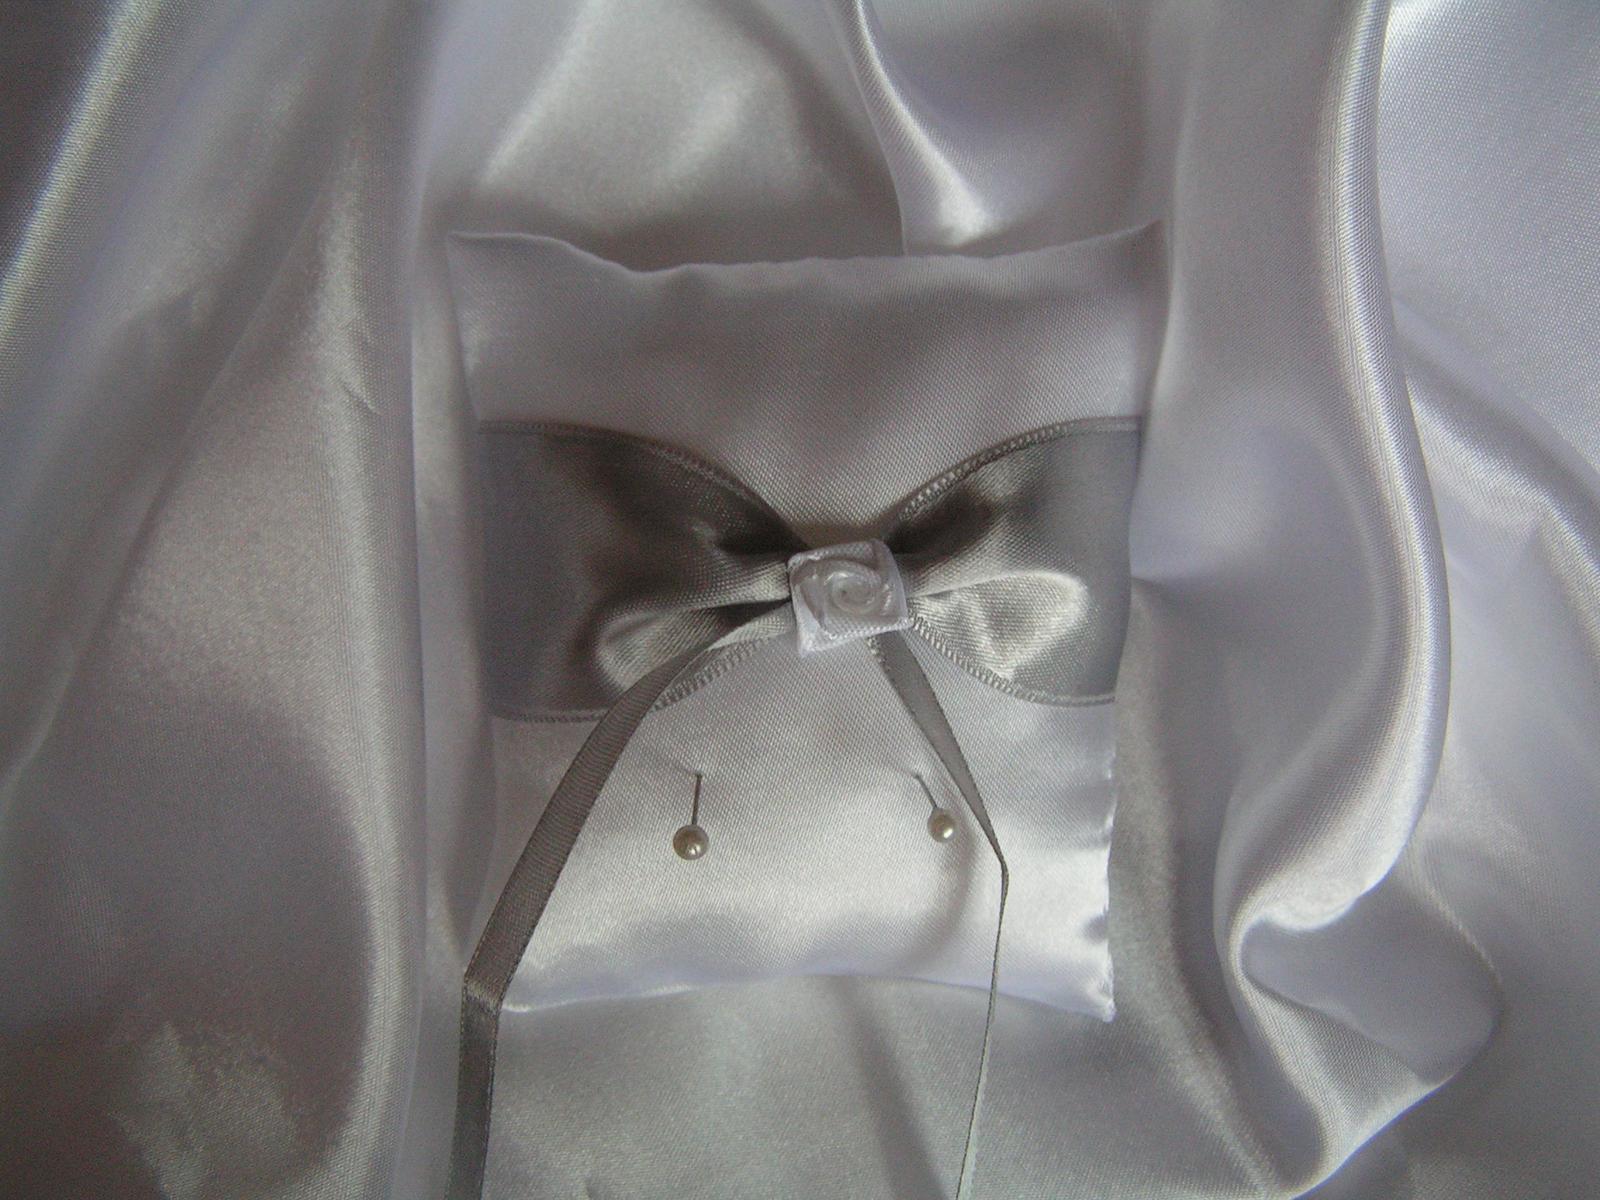 Saténový polštářek pod prstýnky - Obrázek č. 2